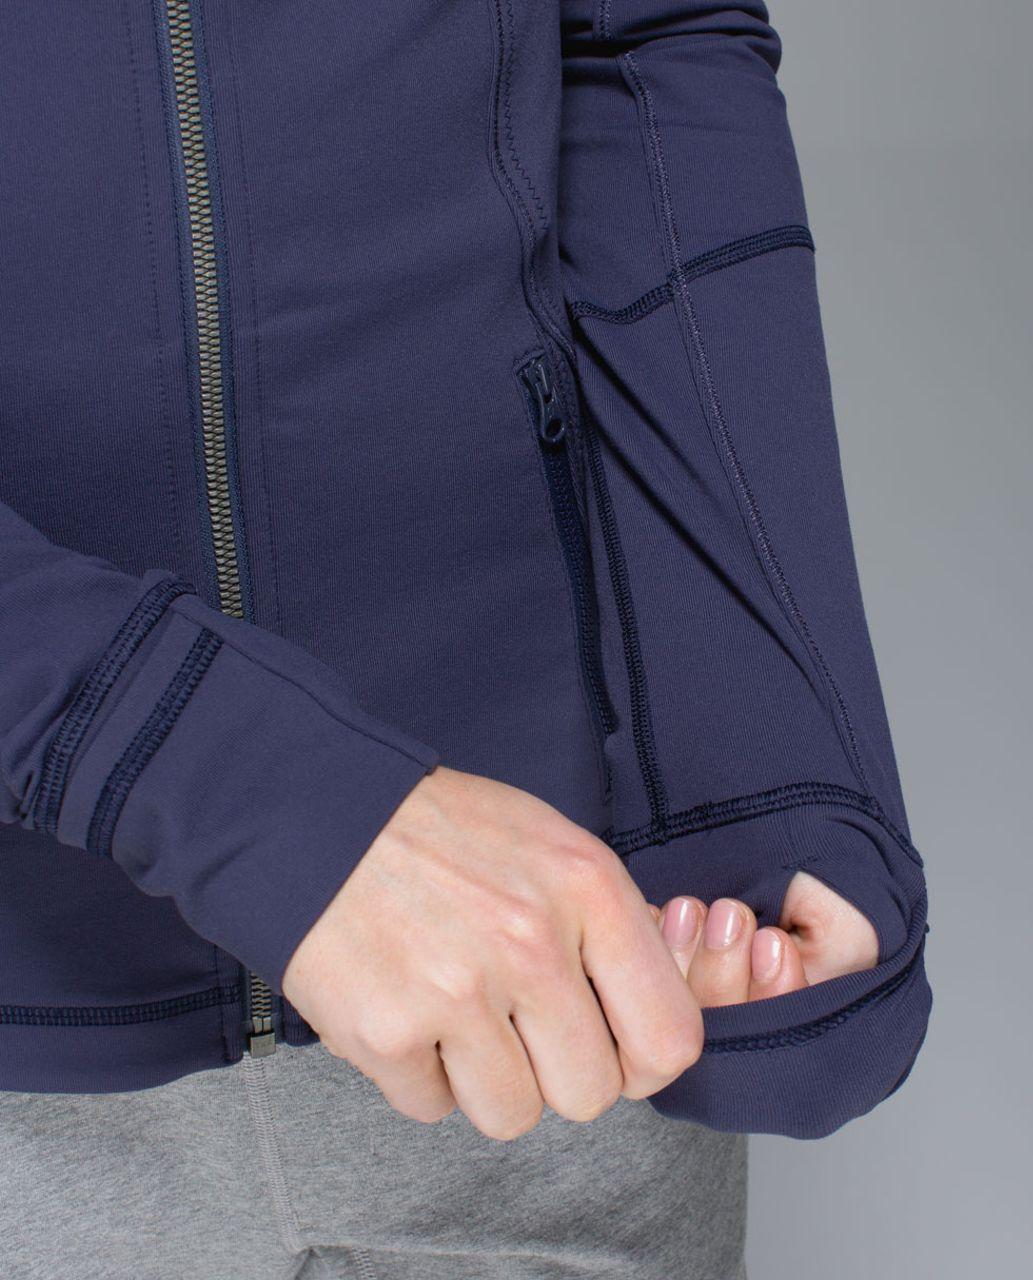 Lululemon Forme Jacket *Cuffins - Cadet Blue